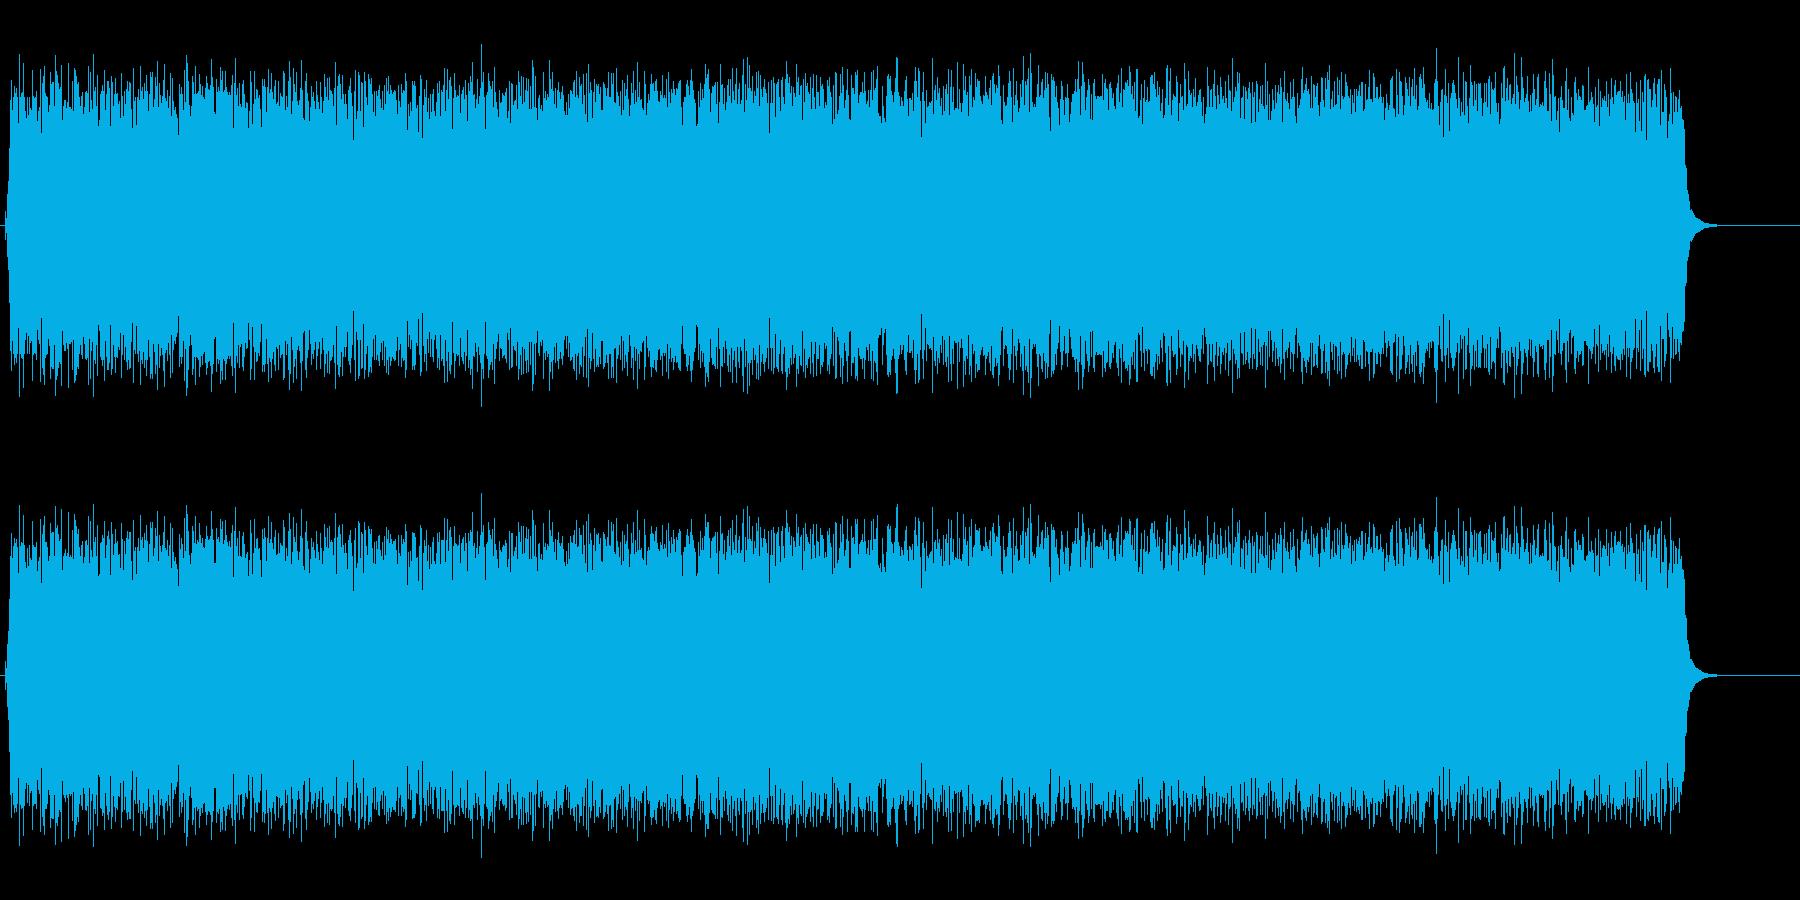 ジリリリリリリリリリン…朝の音の再生済みの波形